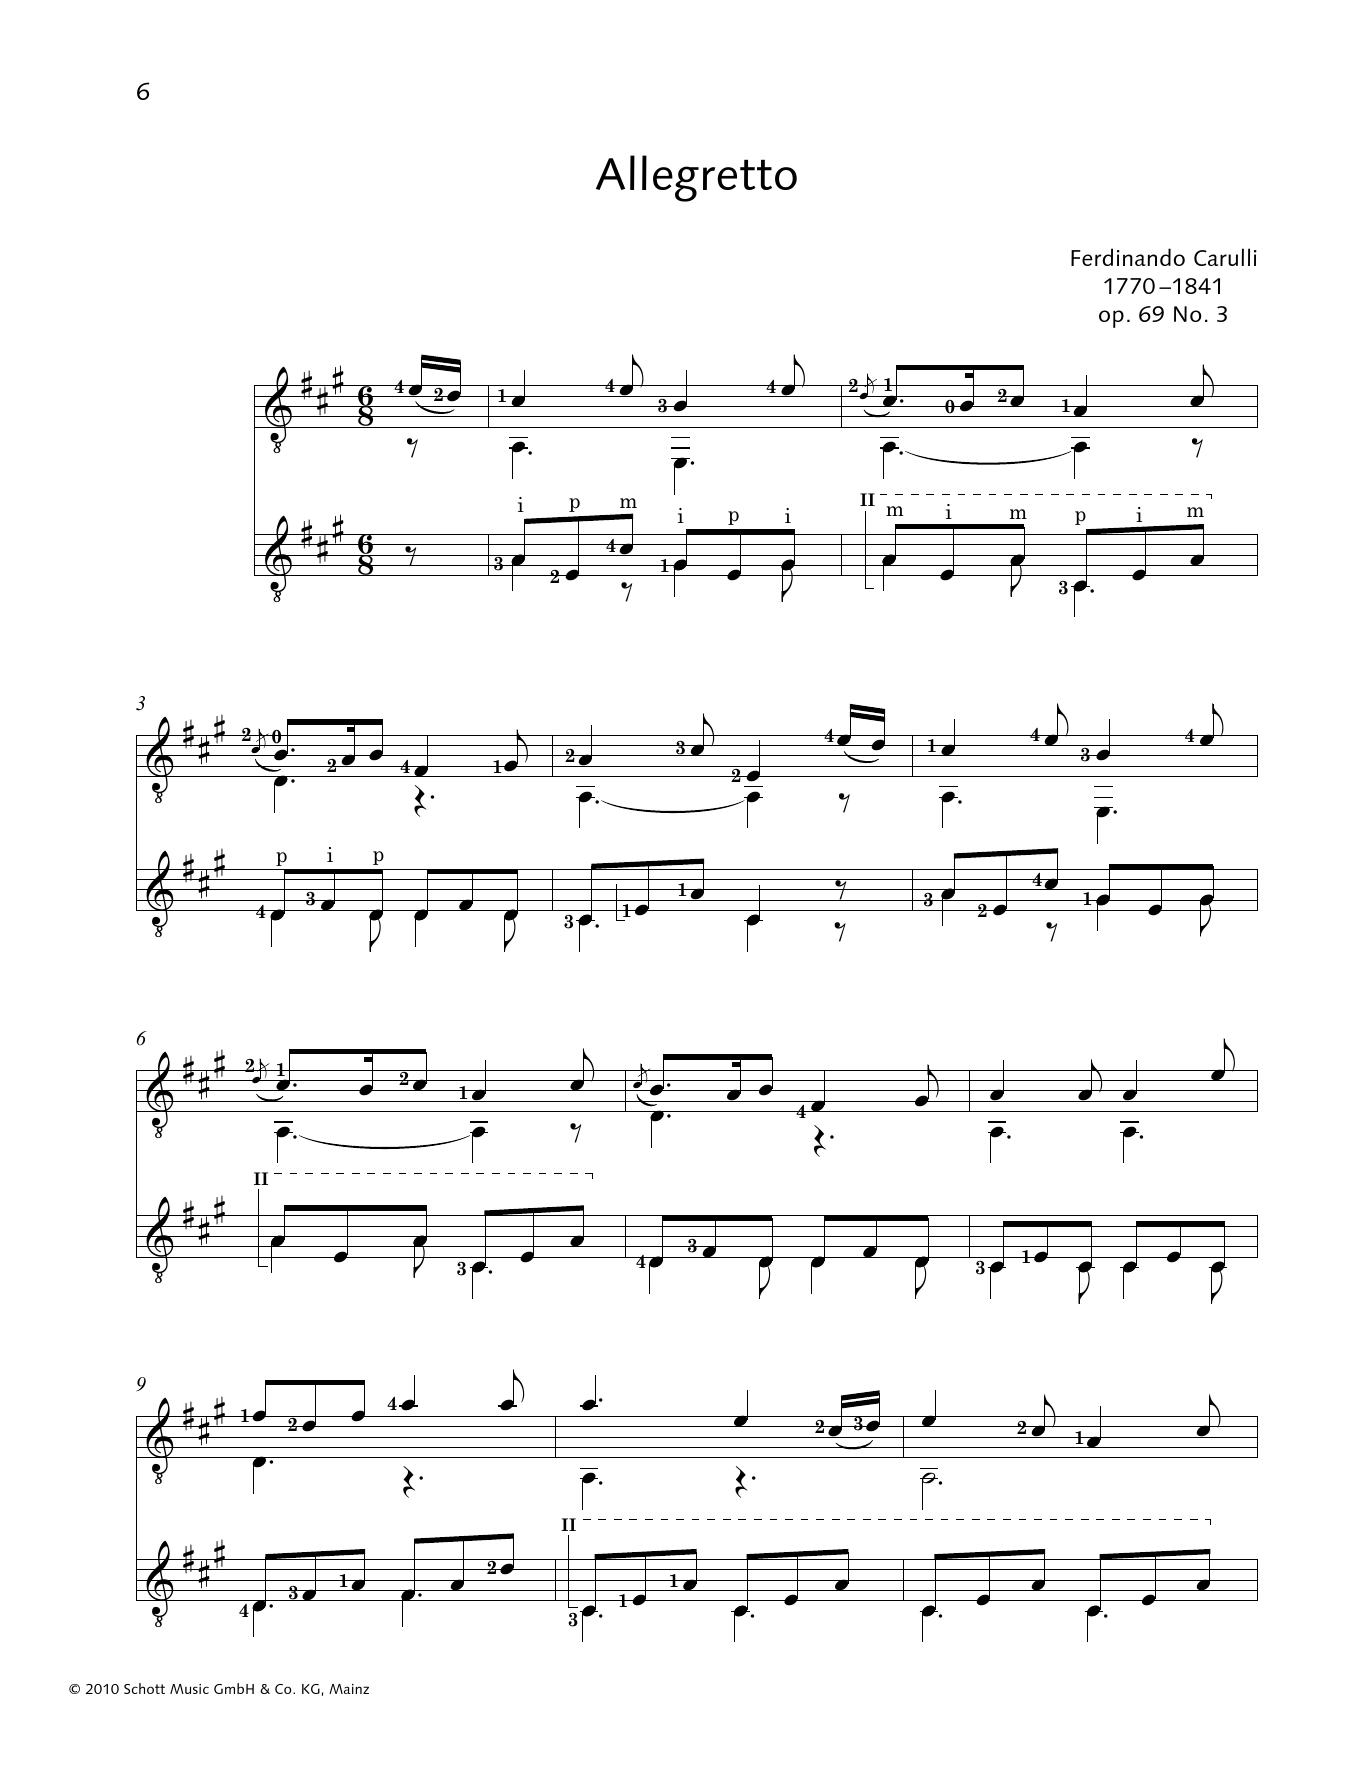 Allegretto - Full Score Sheet Music